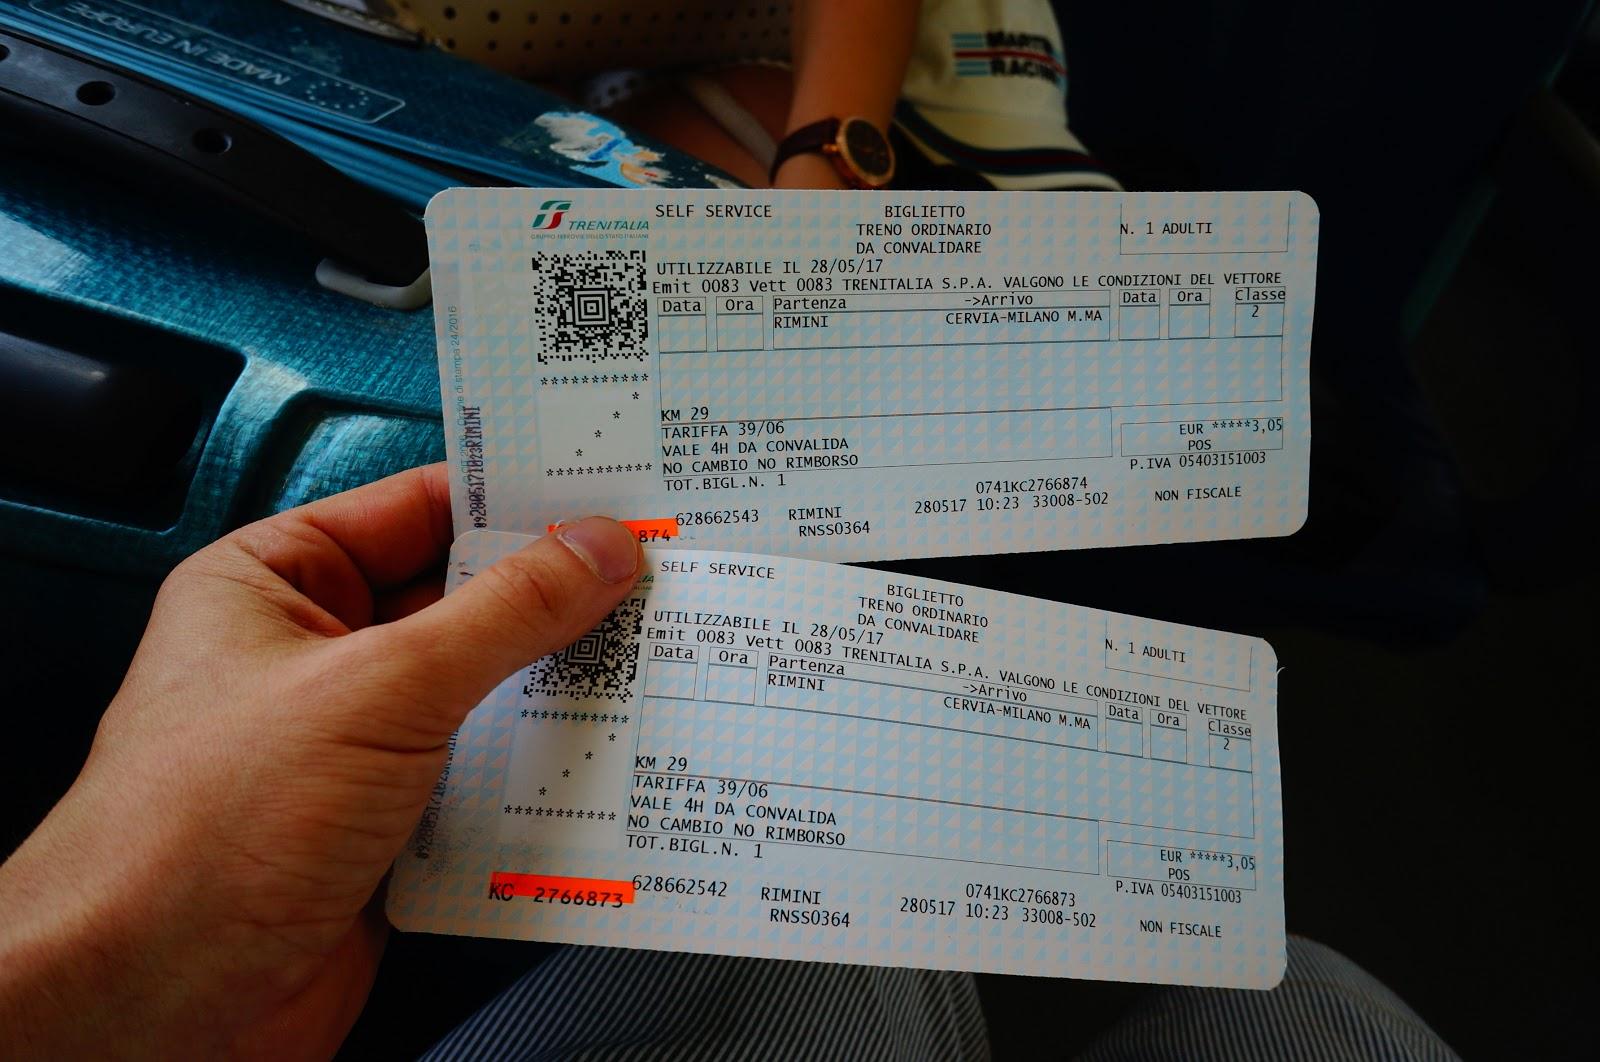 Почему нельзя выкладывать фото билетов на самолет